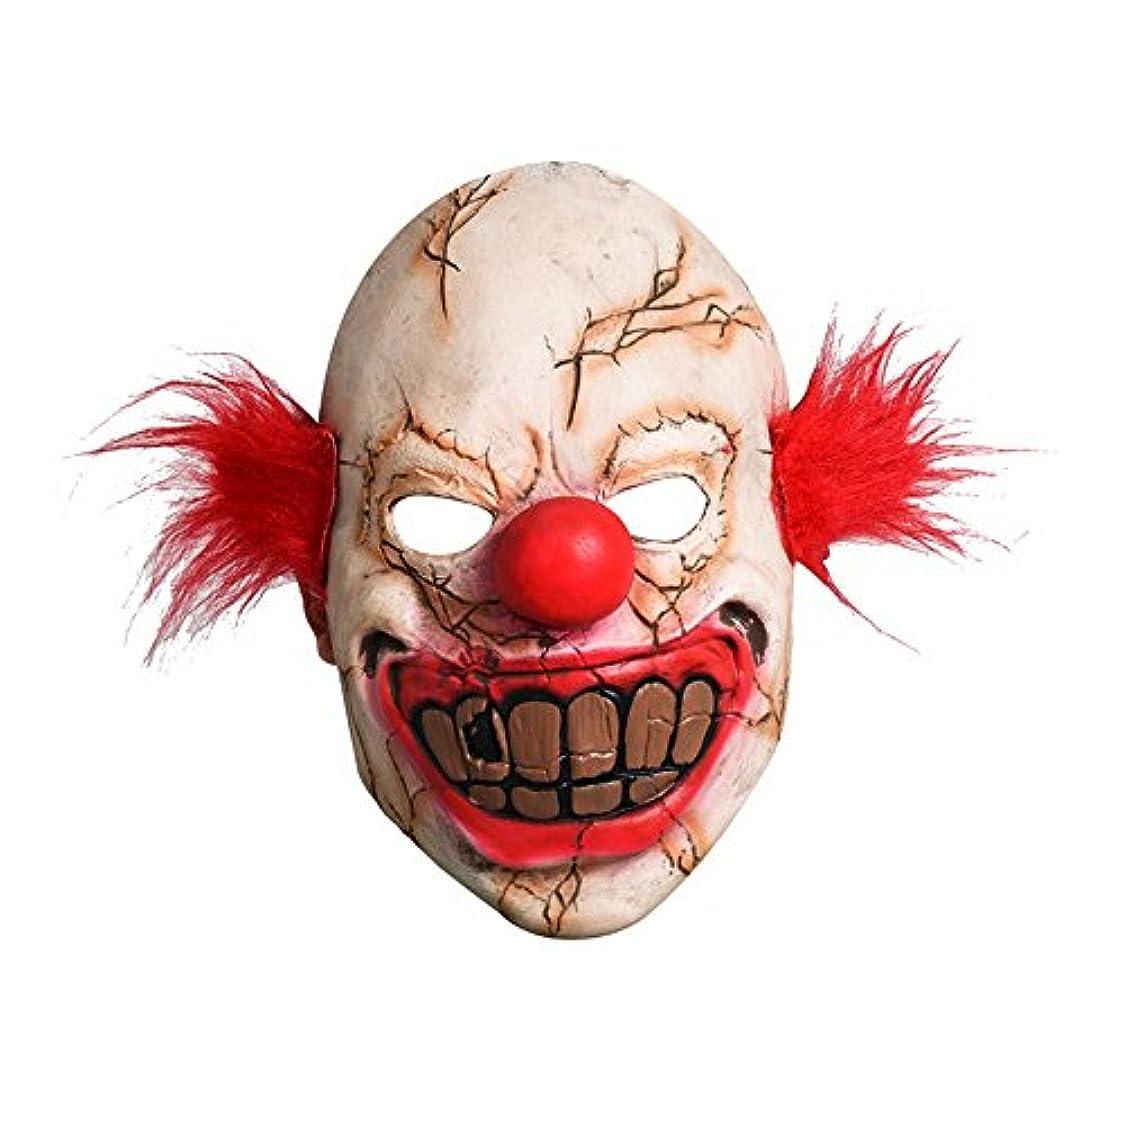 大いに略語計算可能ハロウィン用品バー怖い恐ろしい腐った道化師カーニバル全体の人々おかしい悪魔腐った顔ピエロマスク